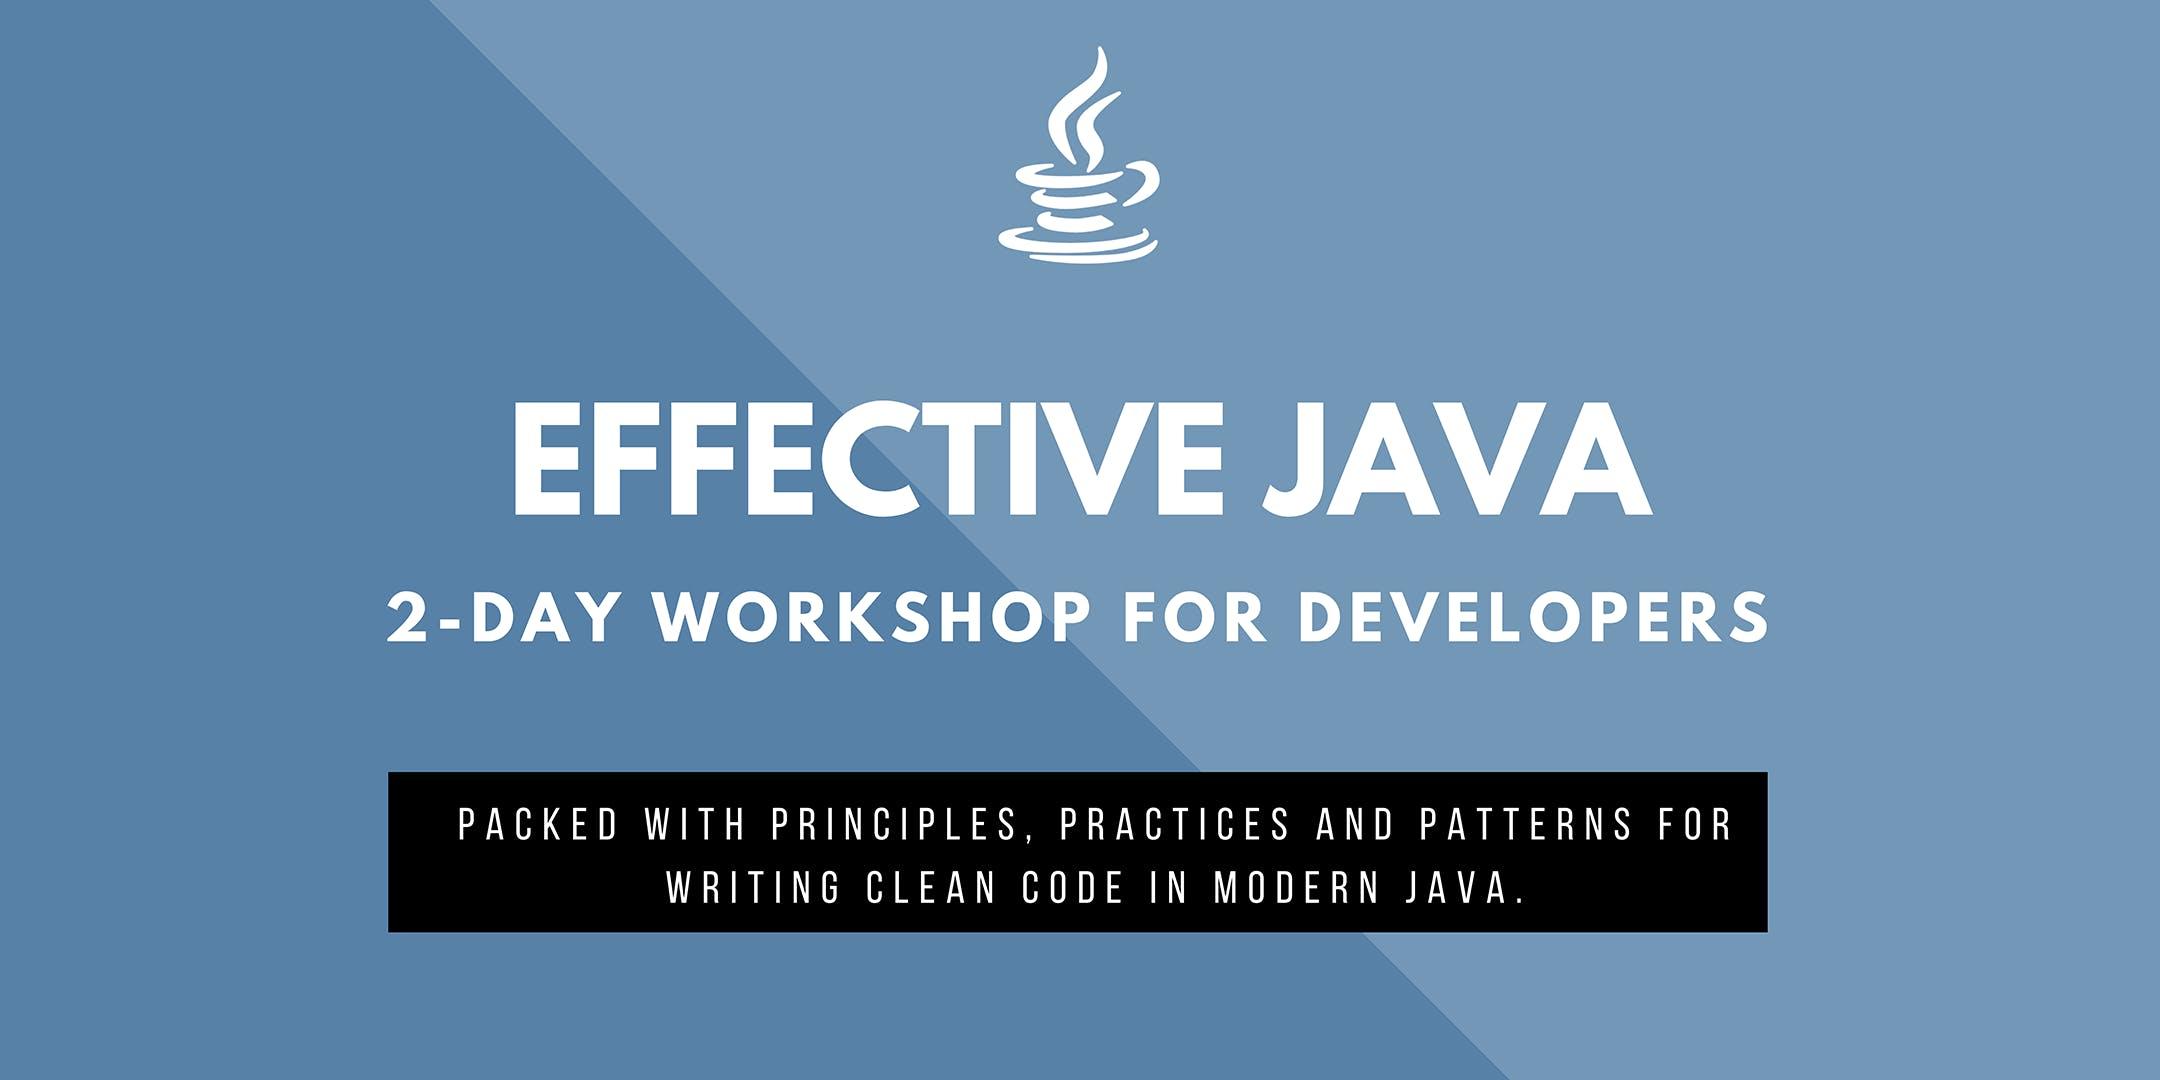 TOP Effective Java 9 for Developers (Krakw)